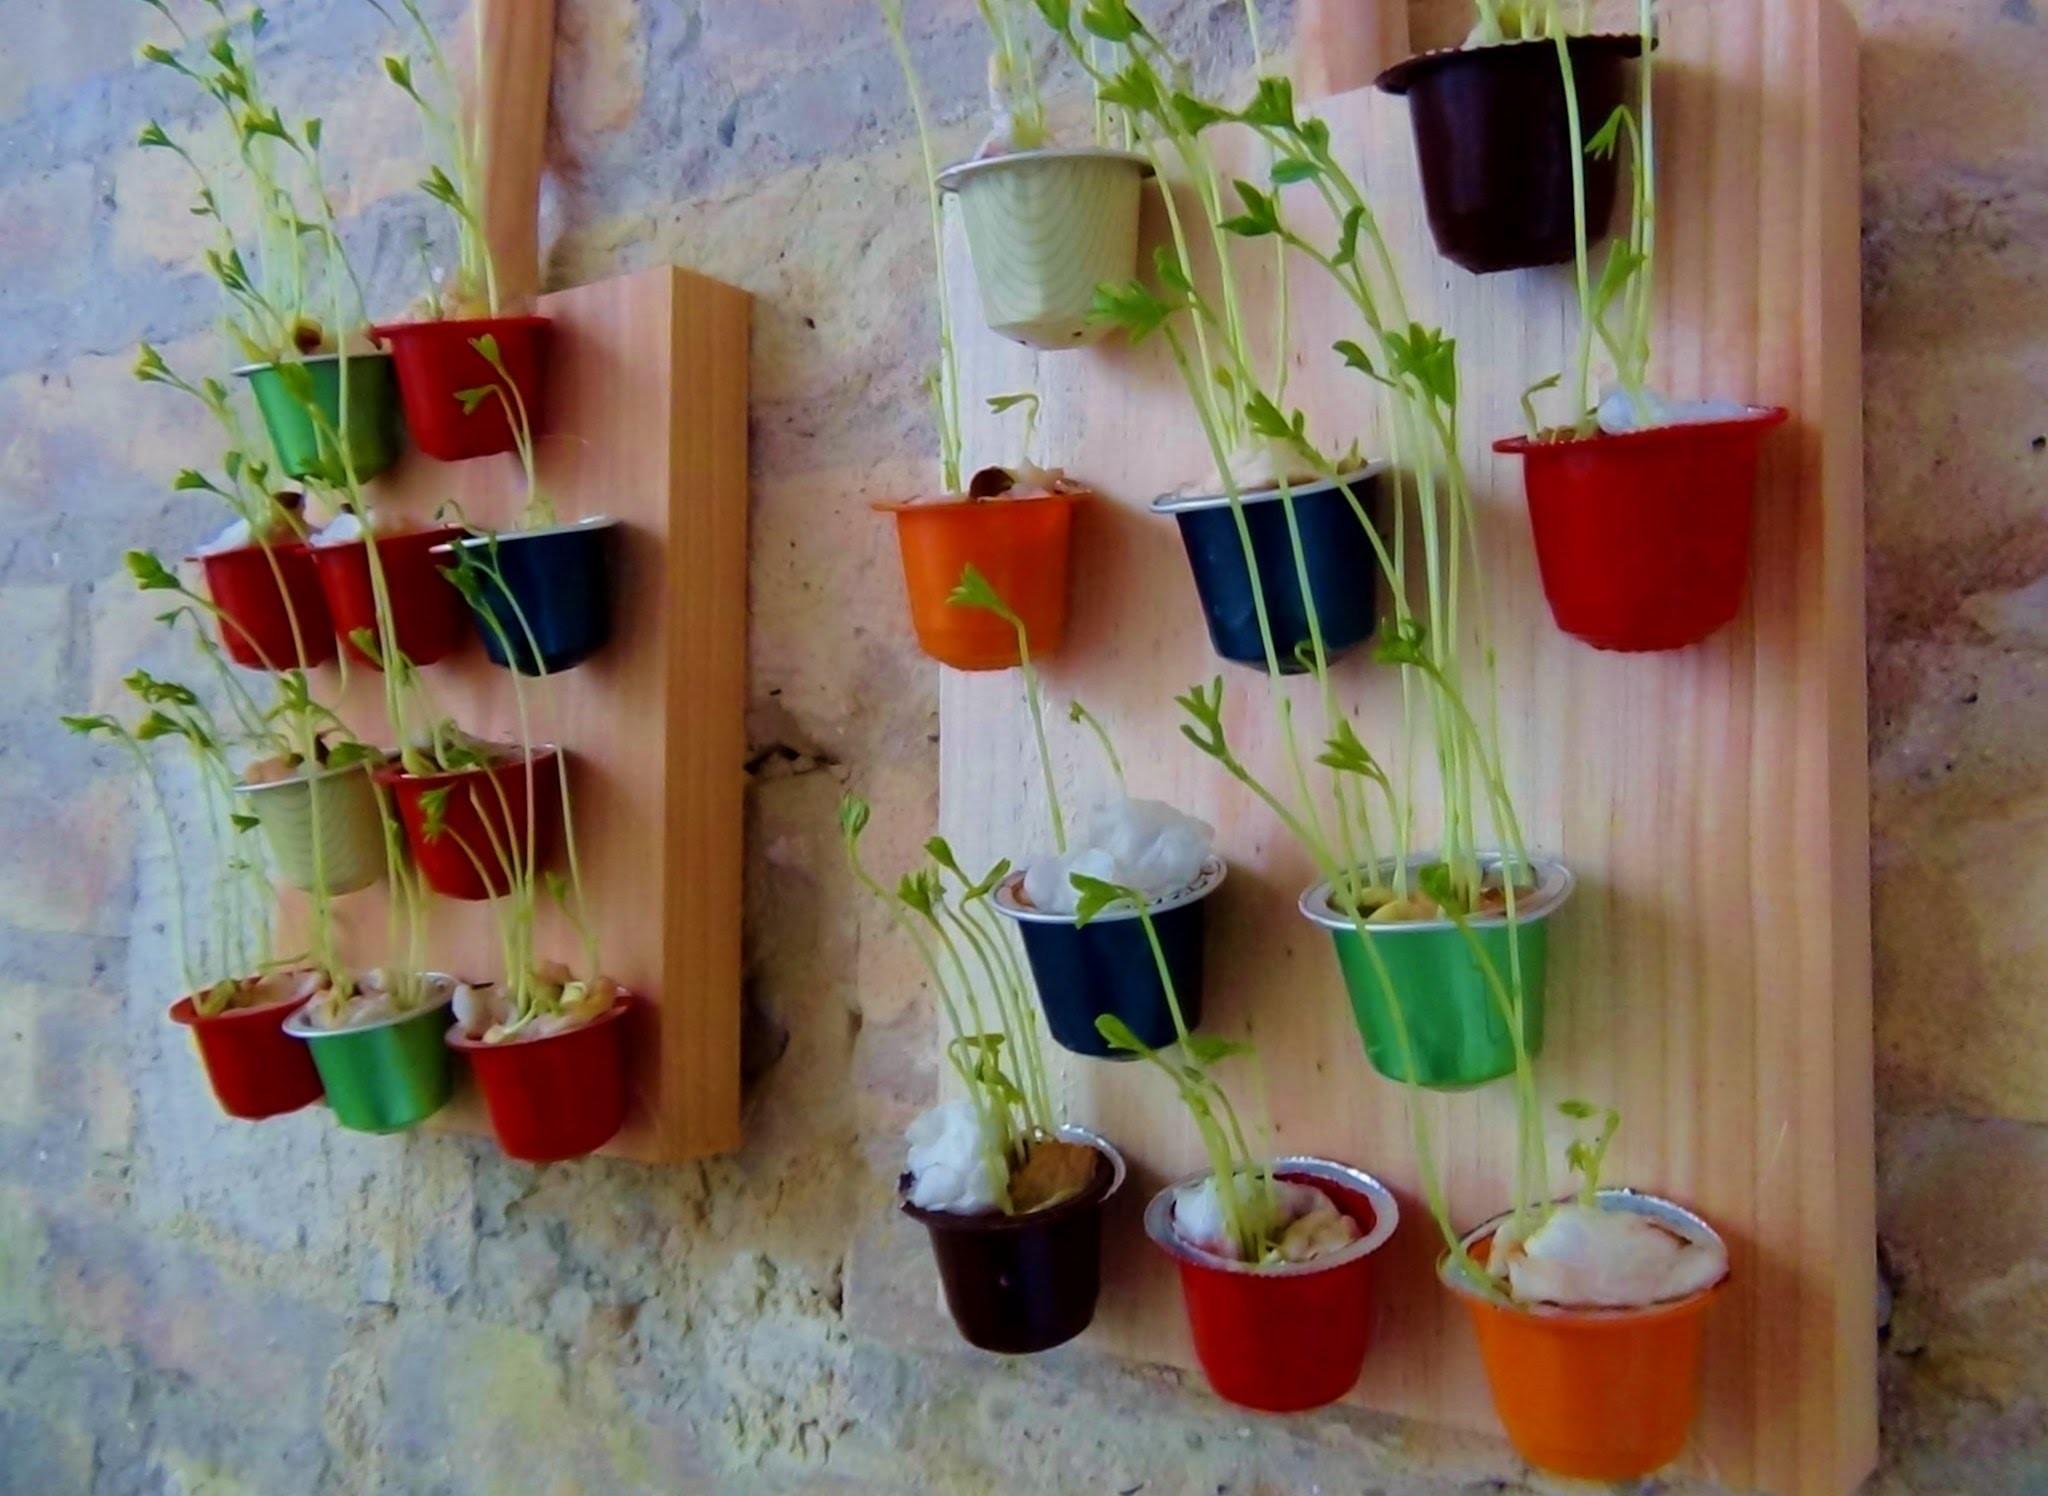 Jardín vertical con cápsulas de café How to make a decorative mini wall garden with lentils